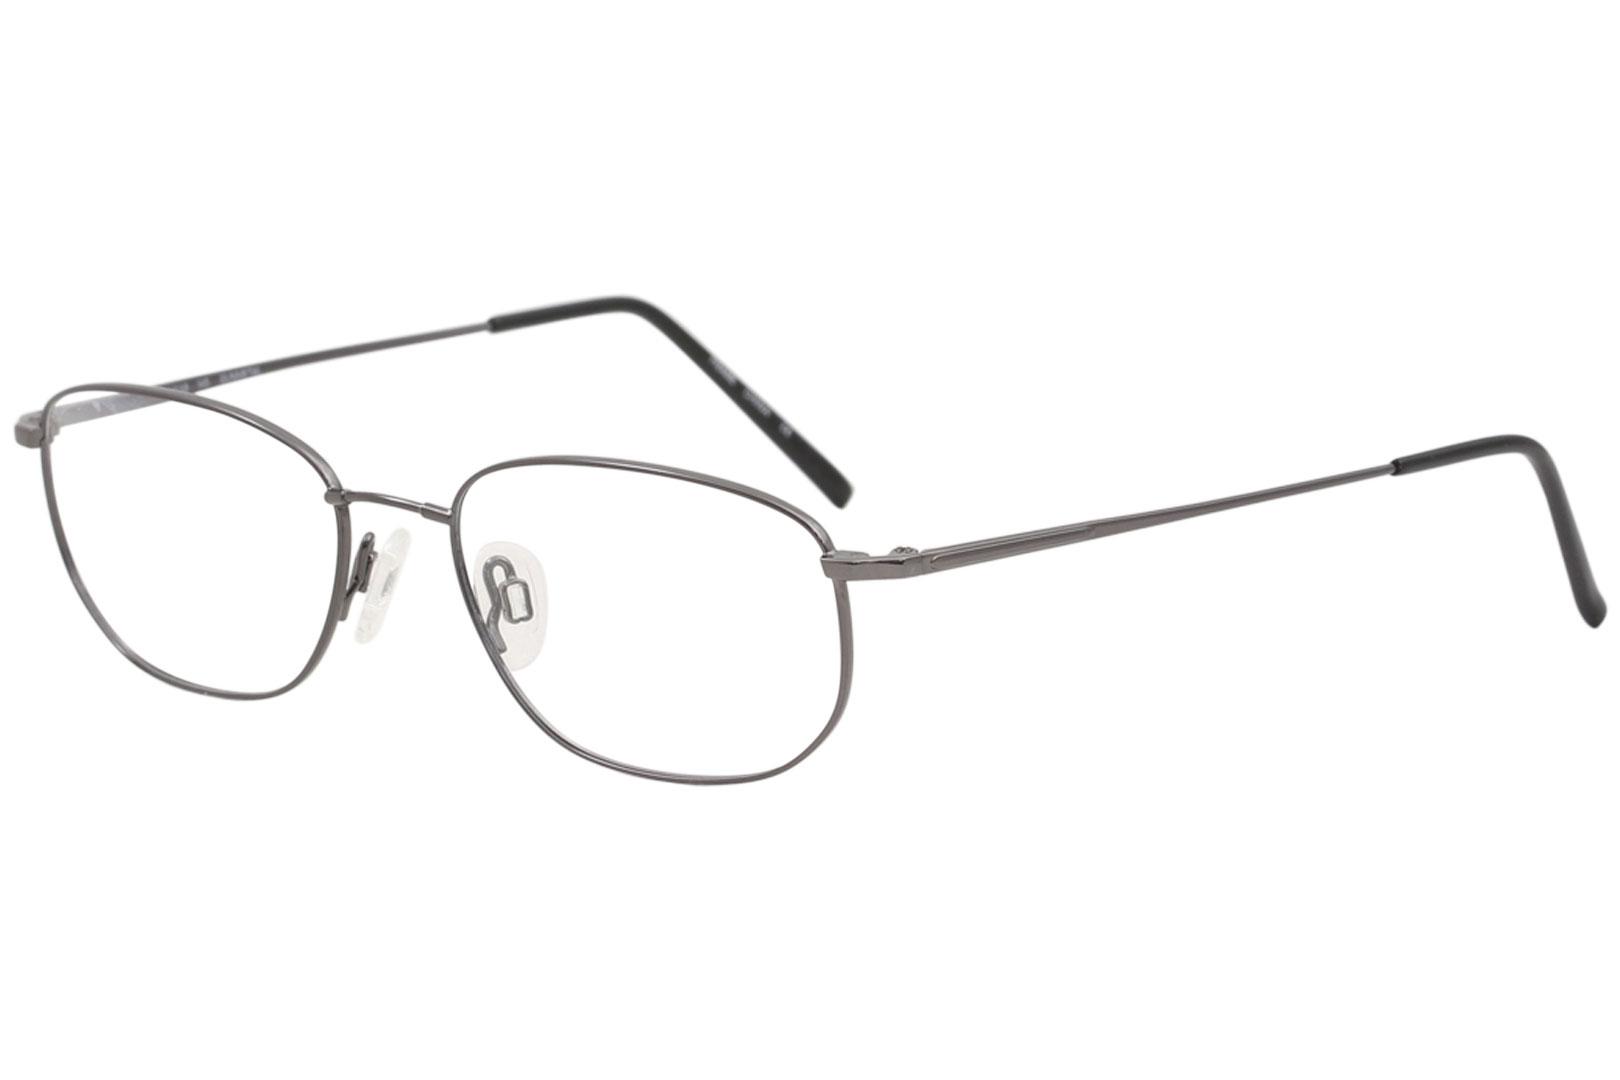 107b1e9c06f Flexon Men s Eyeglasses 600 033 Gunmetal Full Rim Optical Frame 54mm ...